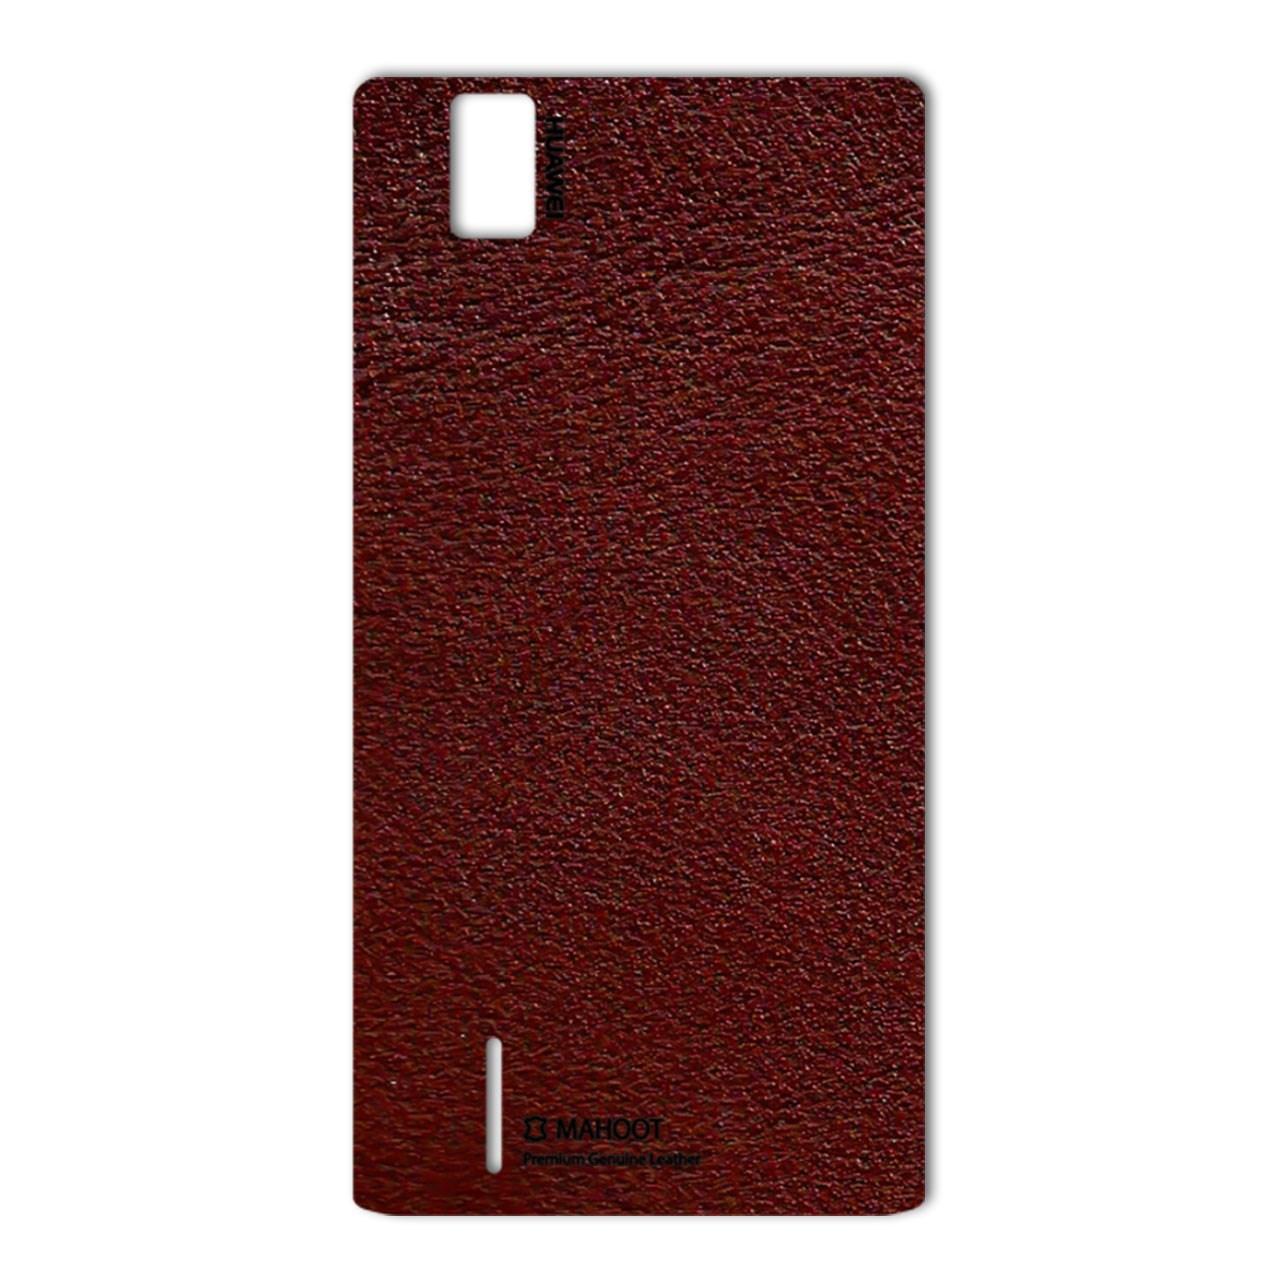 برچسب تزئینی ماهوت مدلNatural Leather مناسب برای گوشی  Huawei Ascend P2